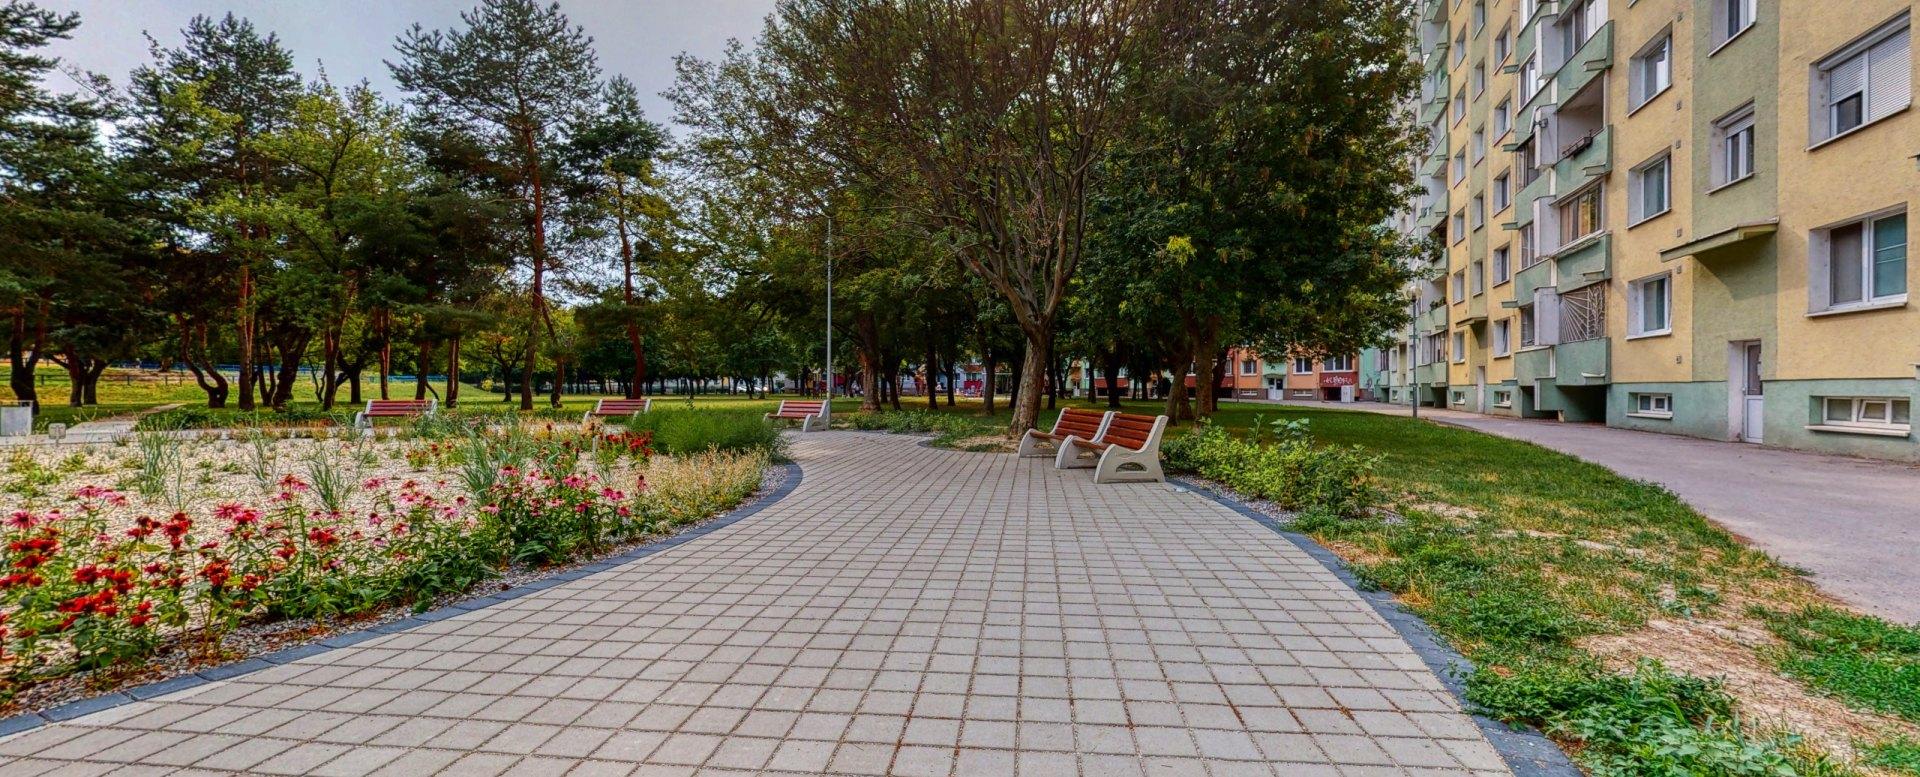 Pohľad na záhradku s lavičkami v parku